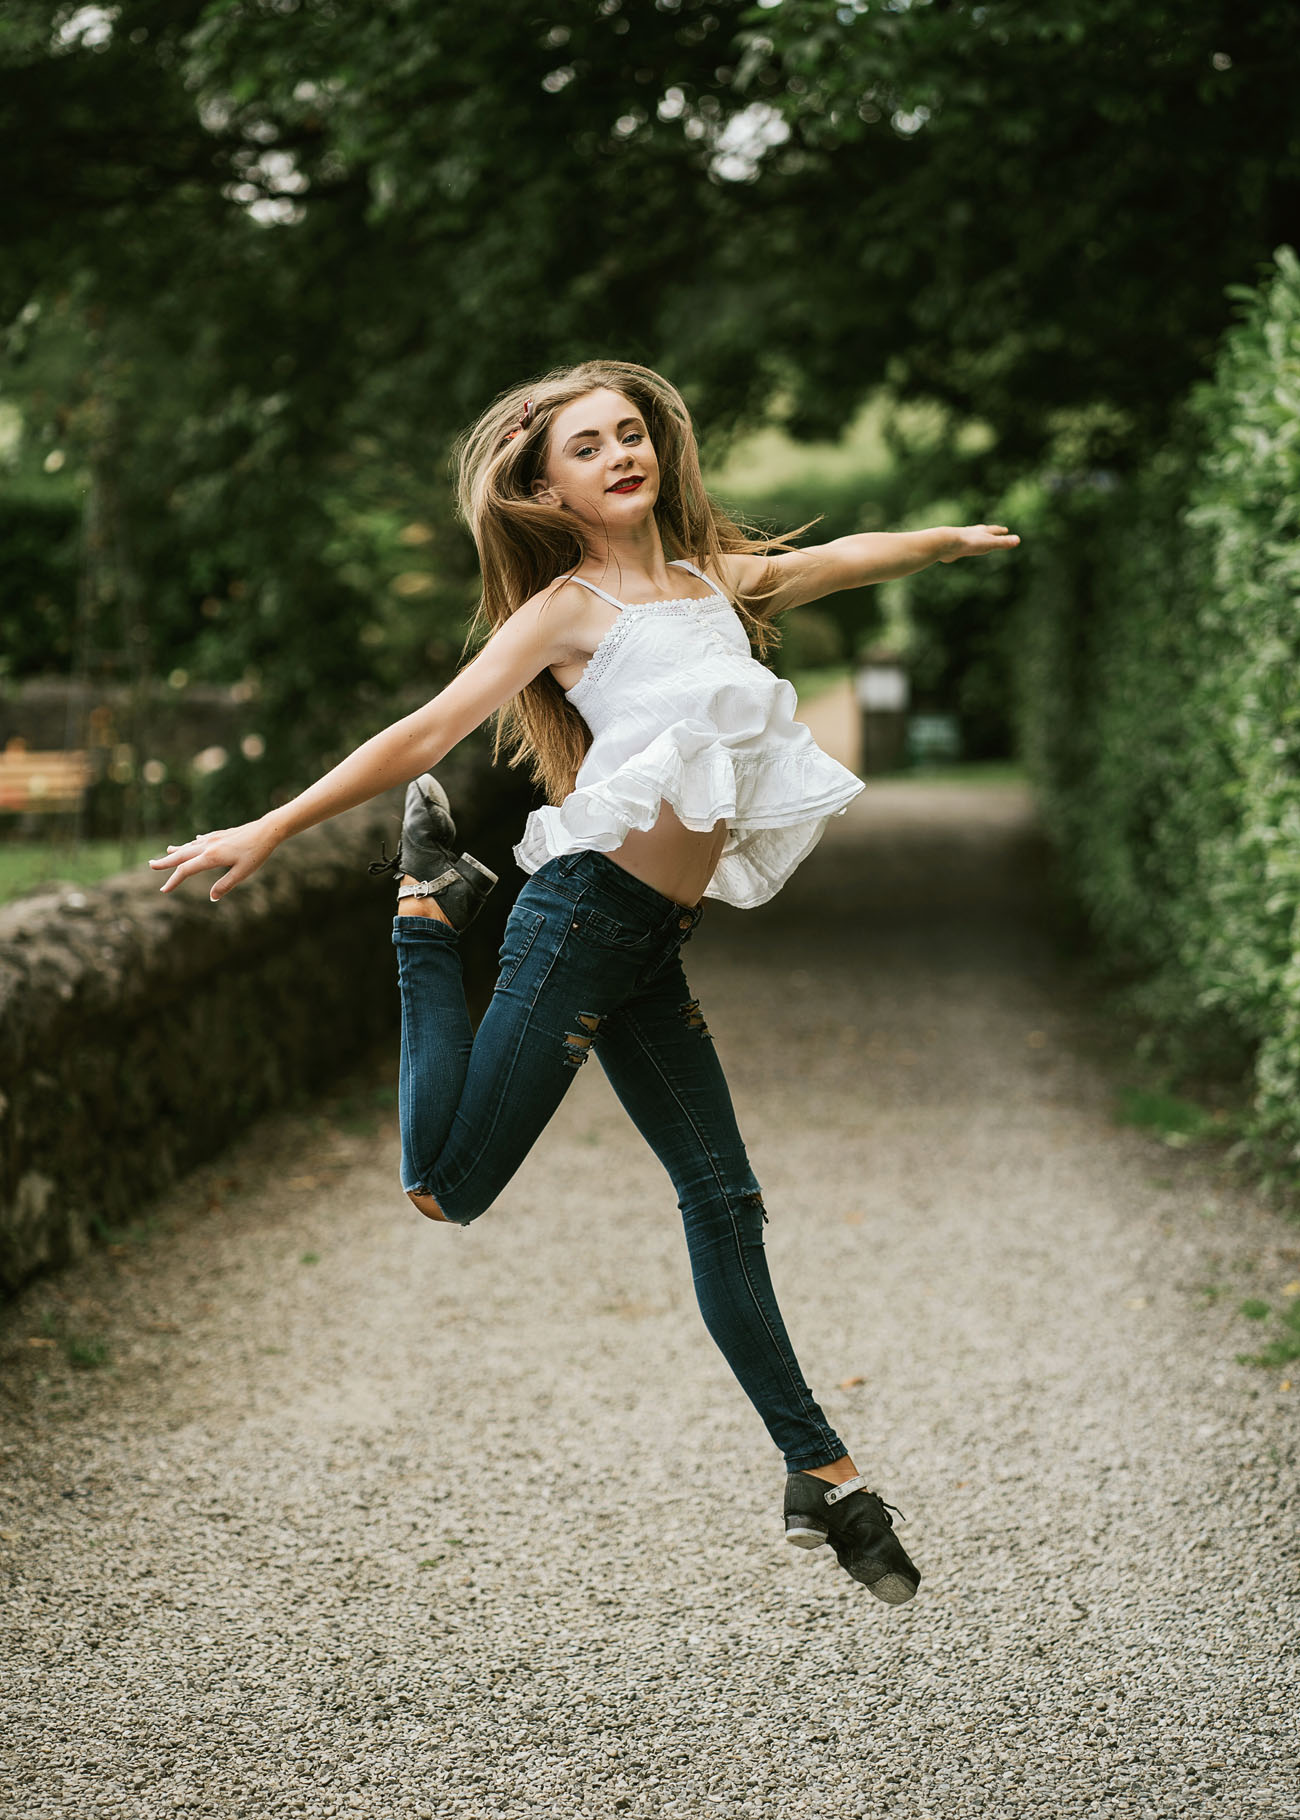 irish-dance-portrait-photographer-dublin-ireland-0016.jpg